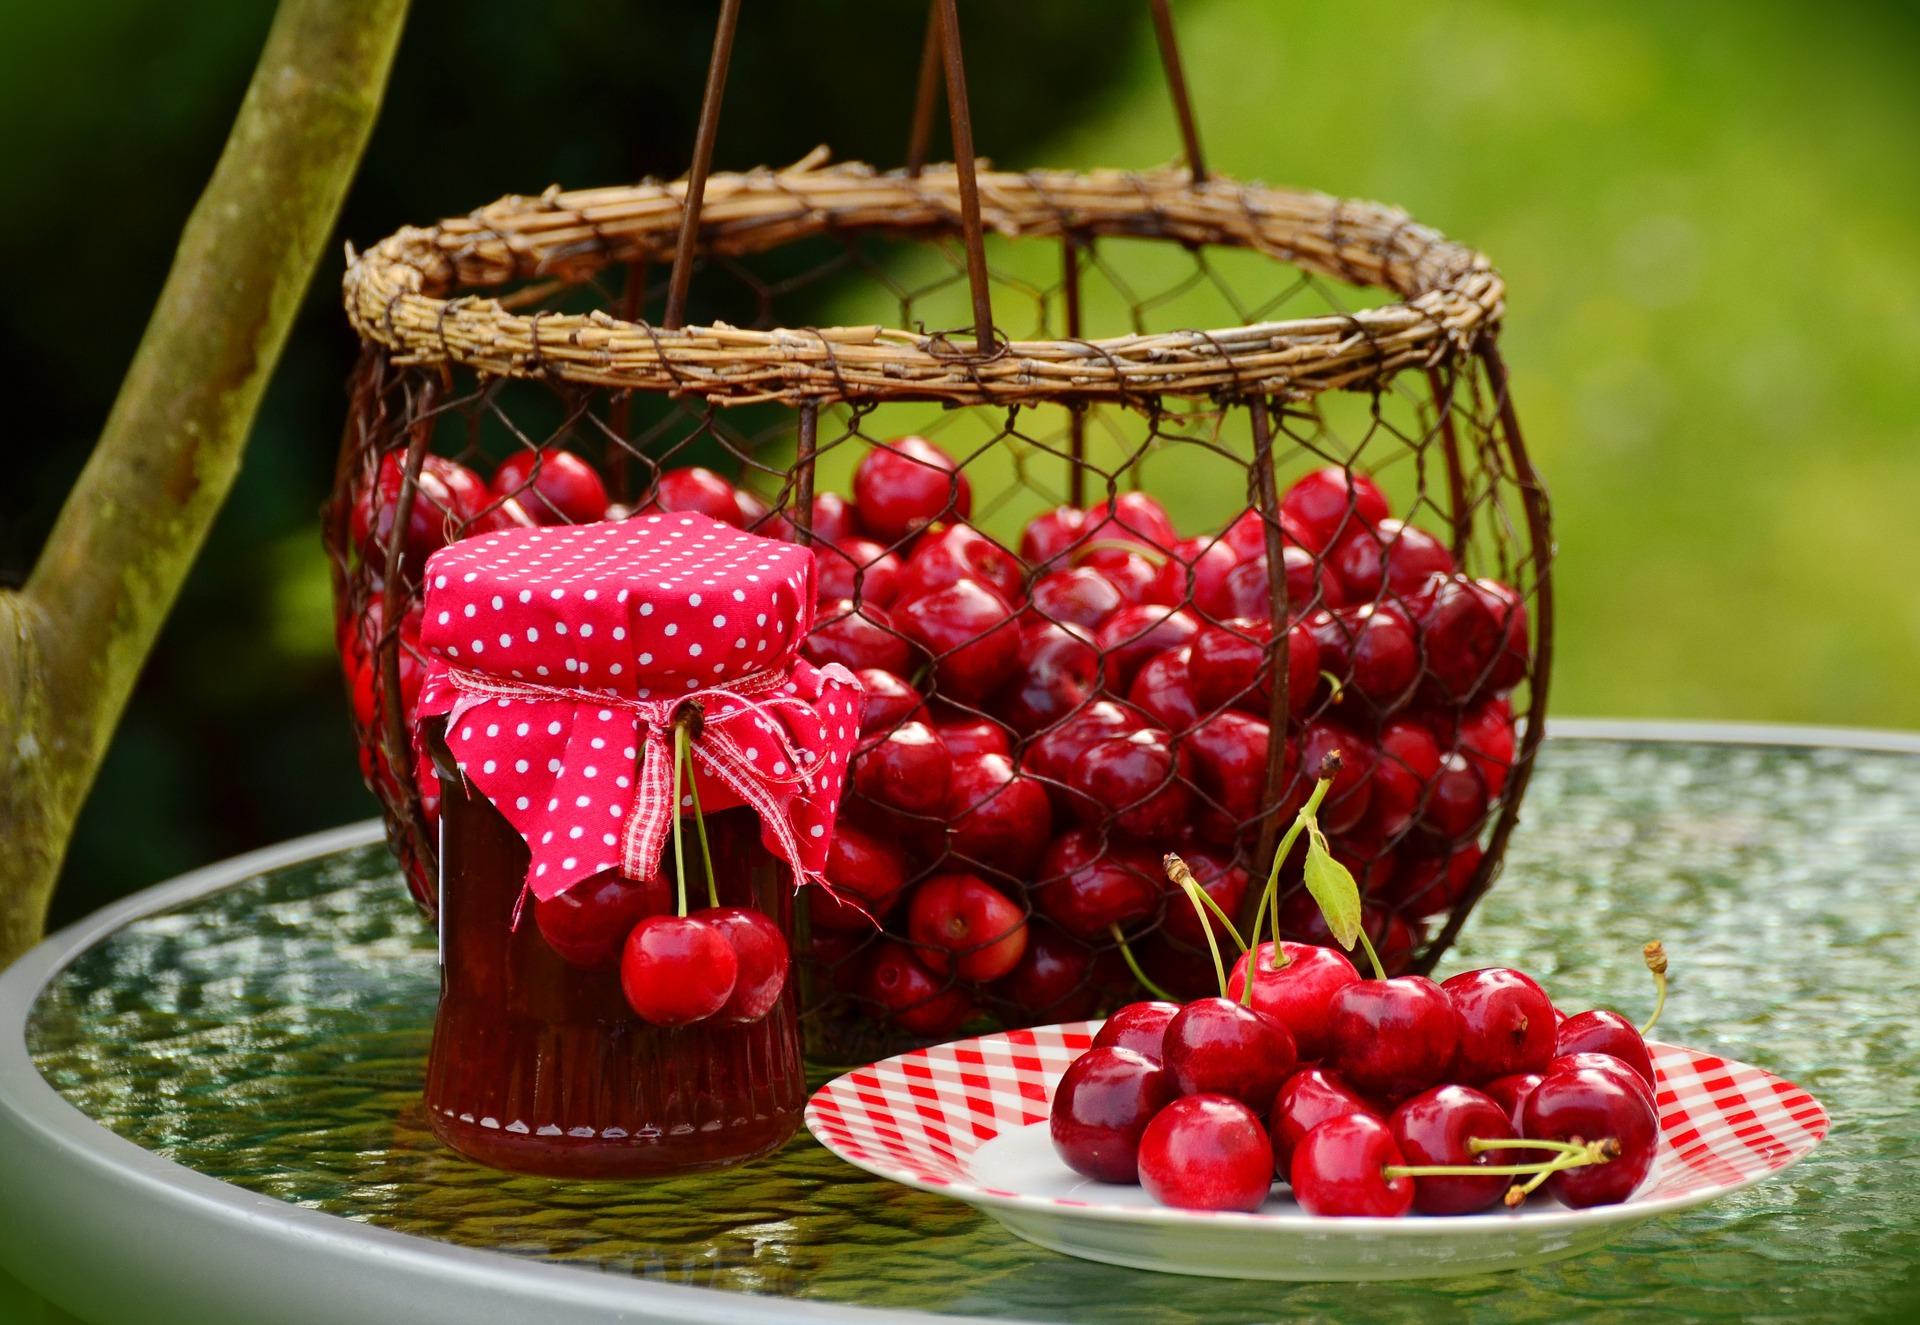 cherries 1503988 1920 - Jak założyć agroturystykę? Przydatne wskazówki na początek